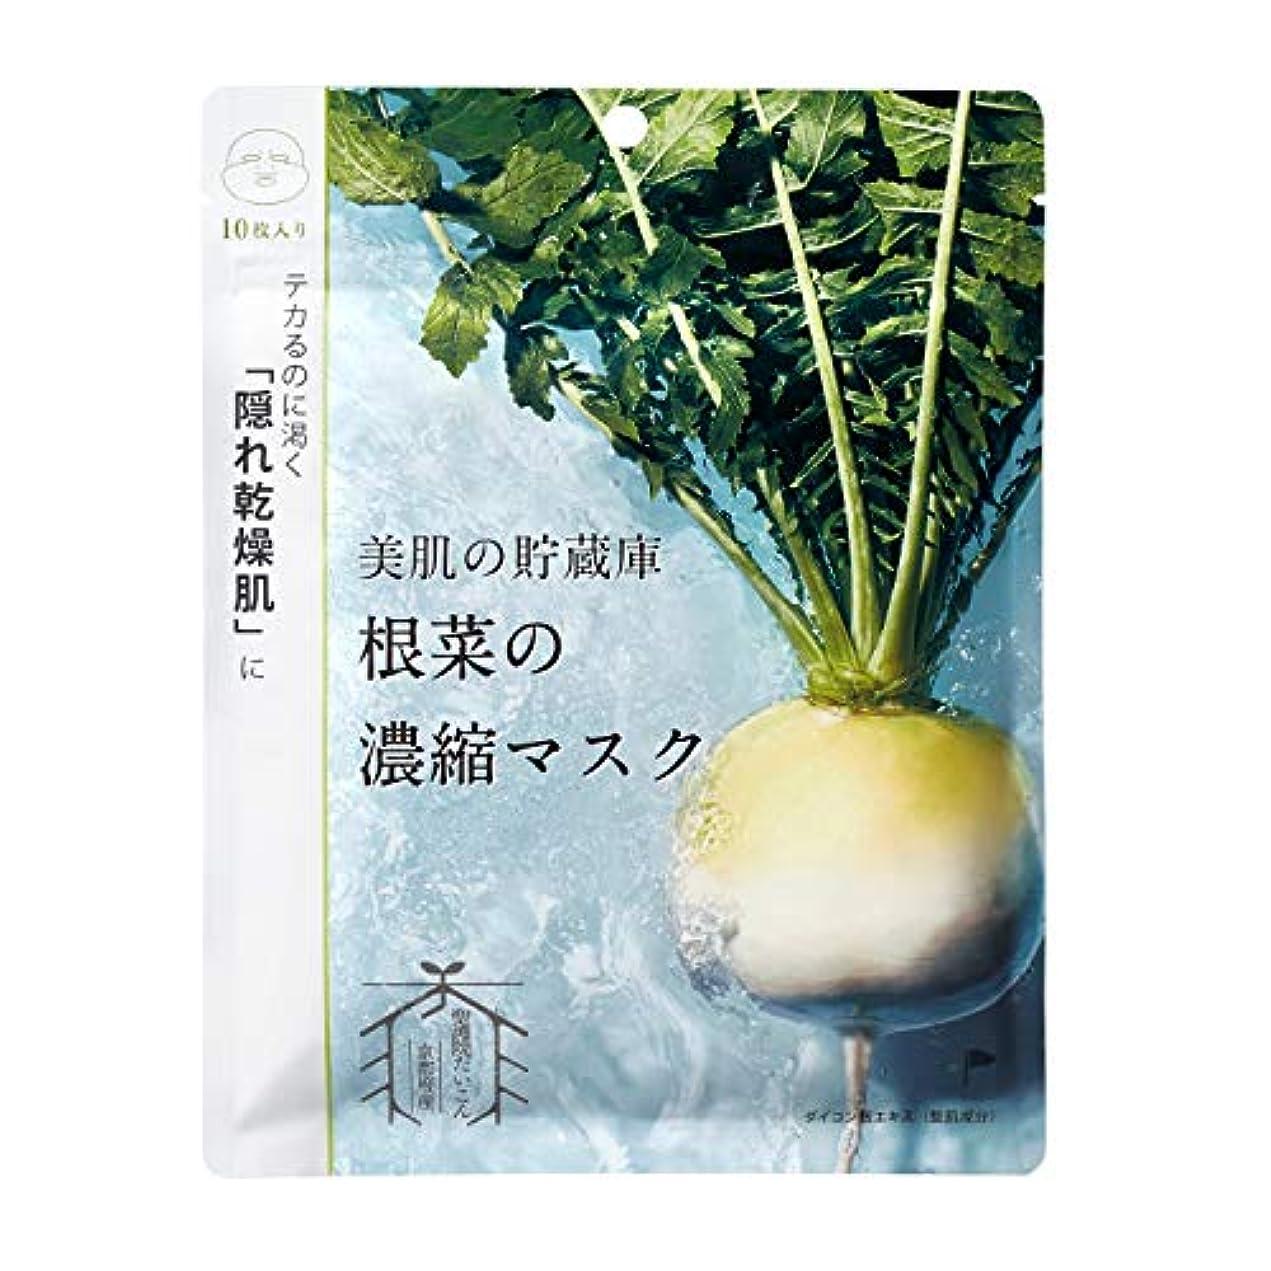 プラグラグ上昇@cosme nippon 美肌の貯蔵庫 根菜の濃縮マスク 聖護院だいこん 10枚入 148ml